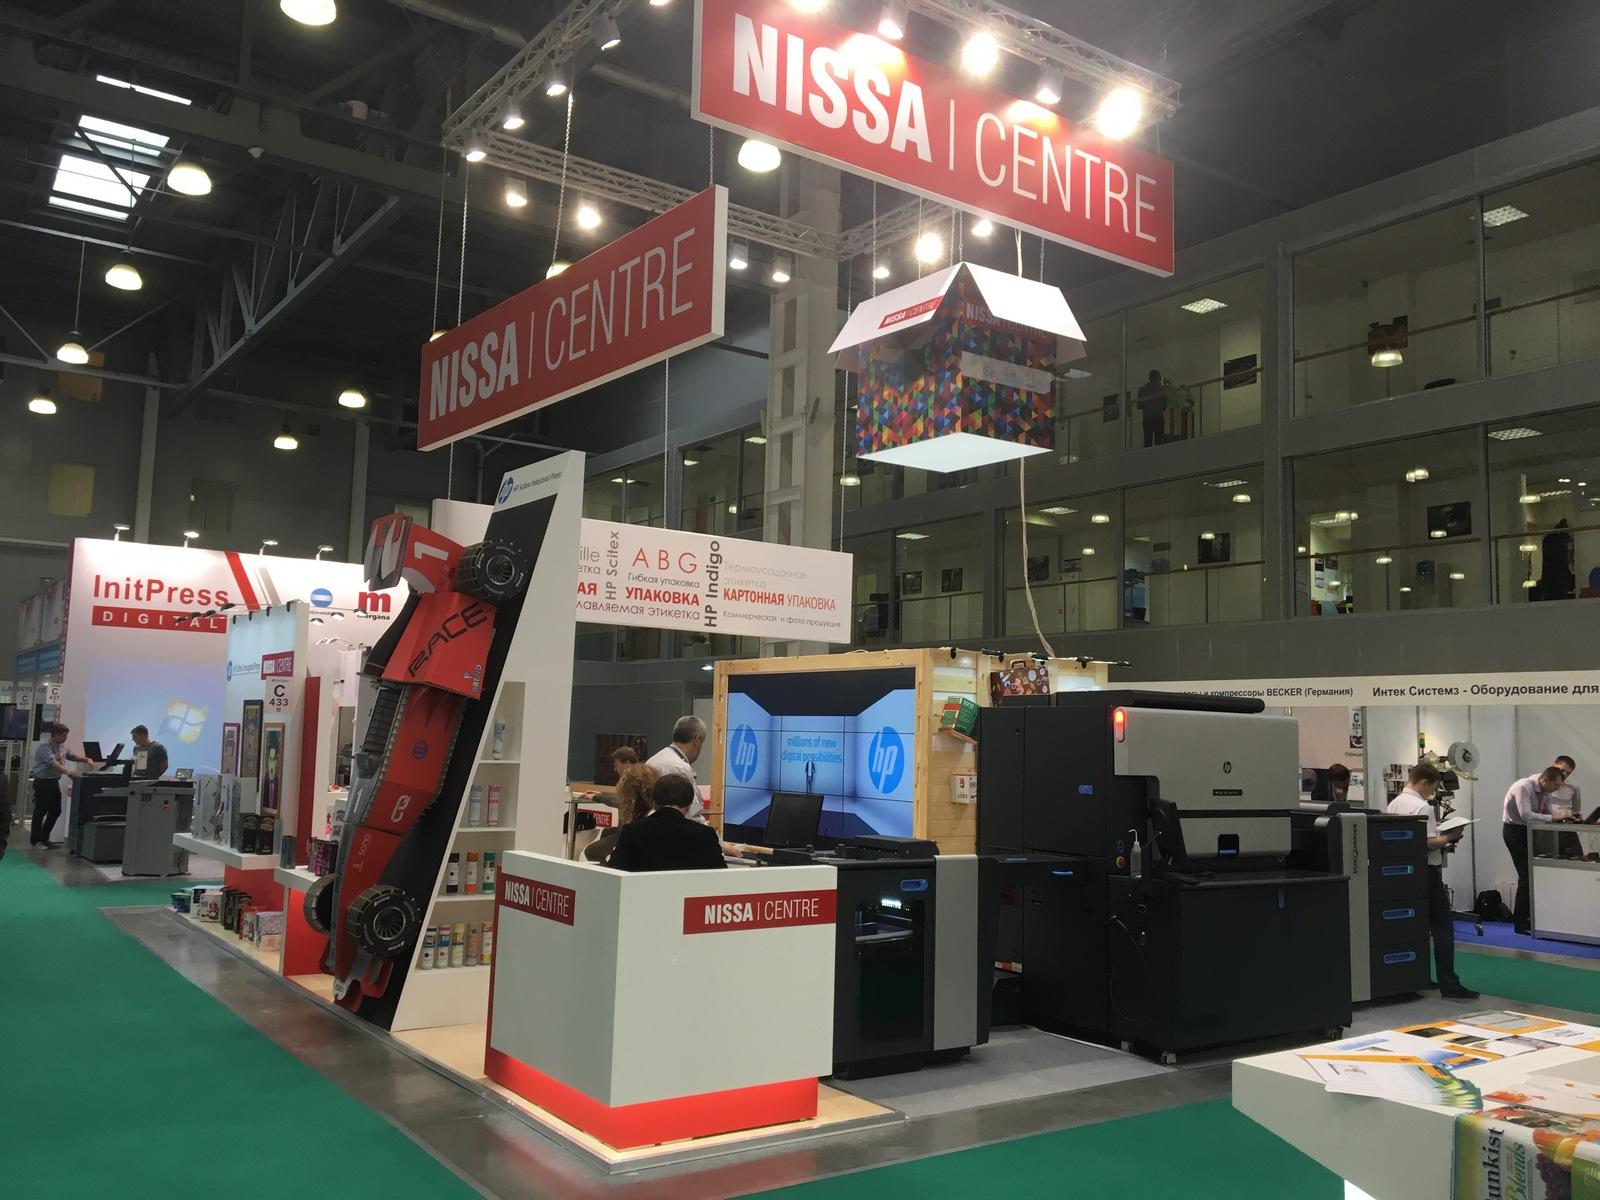 Nissa-Centre-3